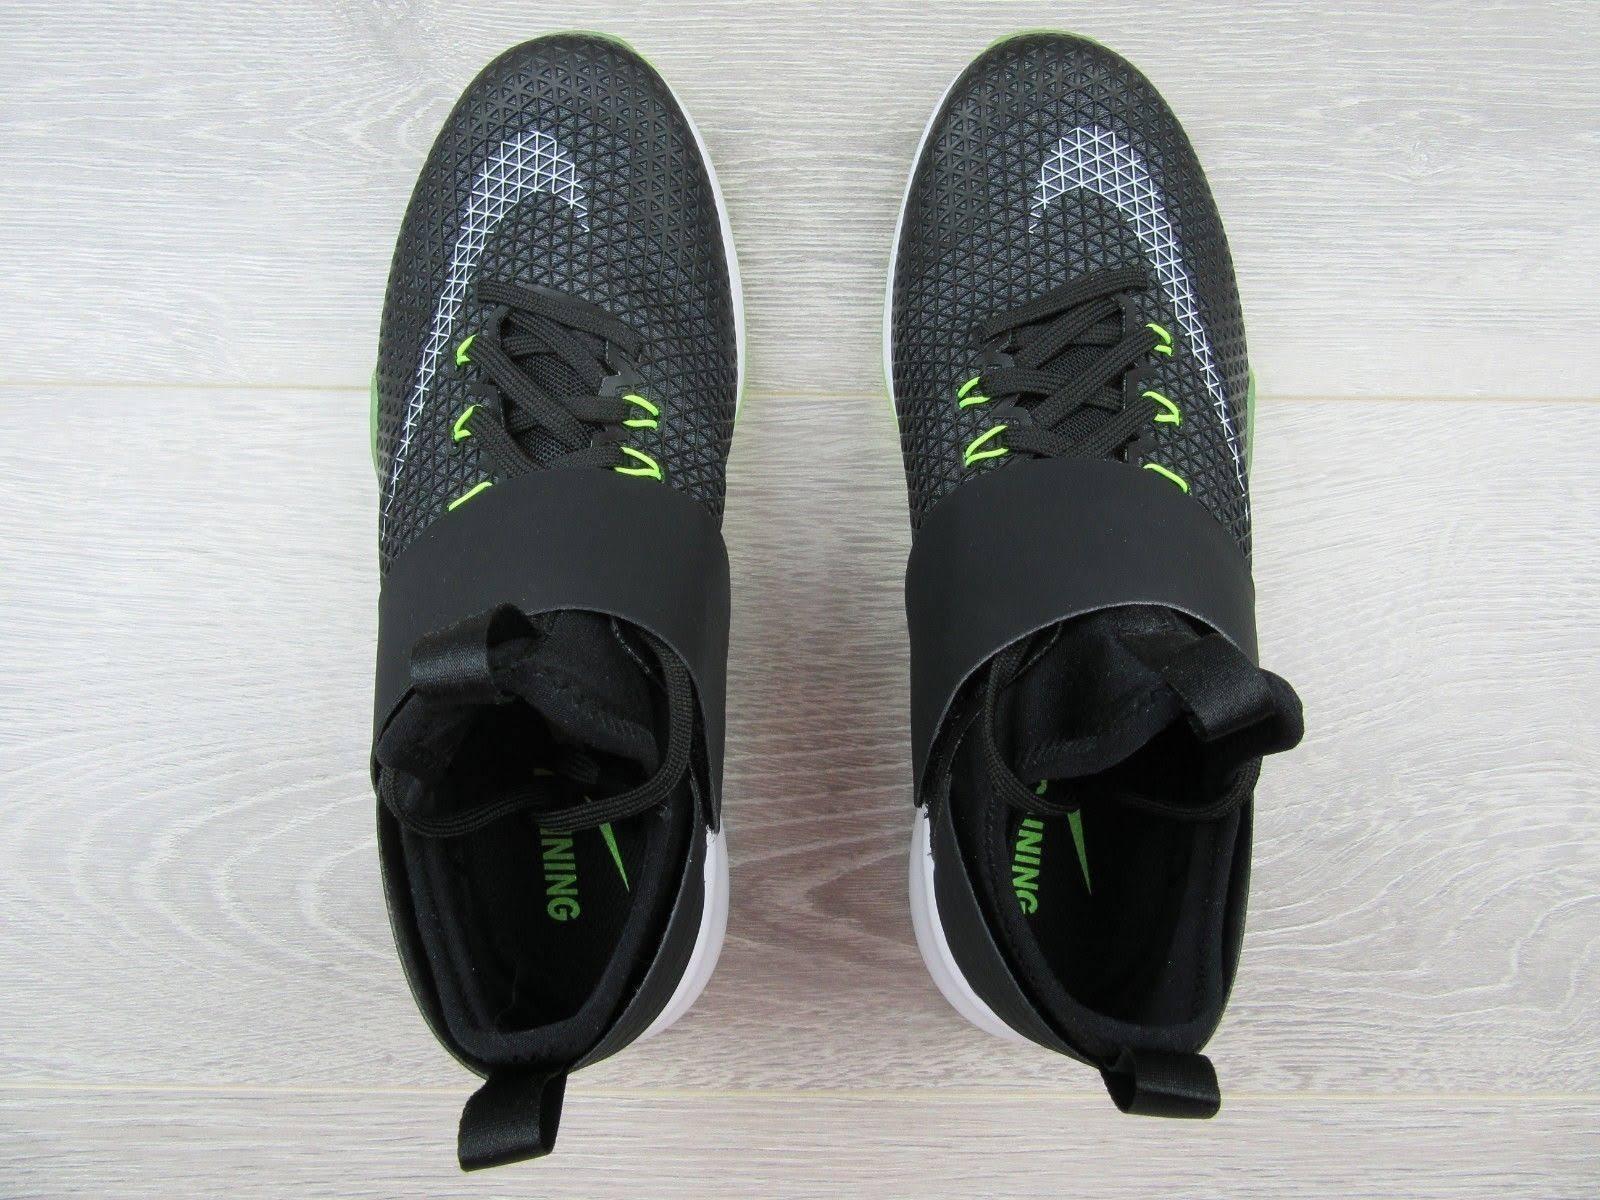 Blanco De Gris Voltio Zapatos Strong 843975001 Zoom Air Nike Negro 5 Tamaño 6 Mujer oscuro xpqPSn